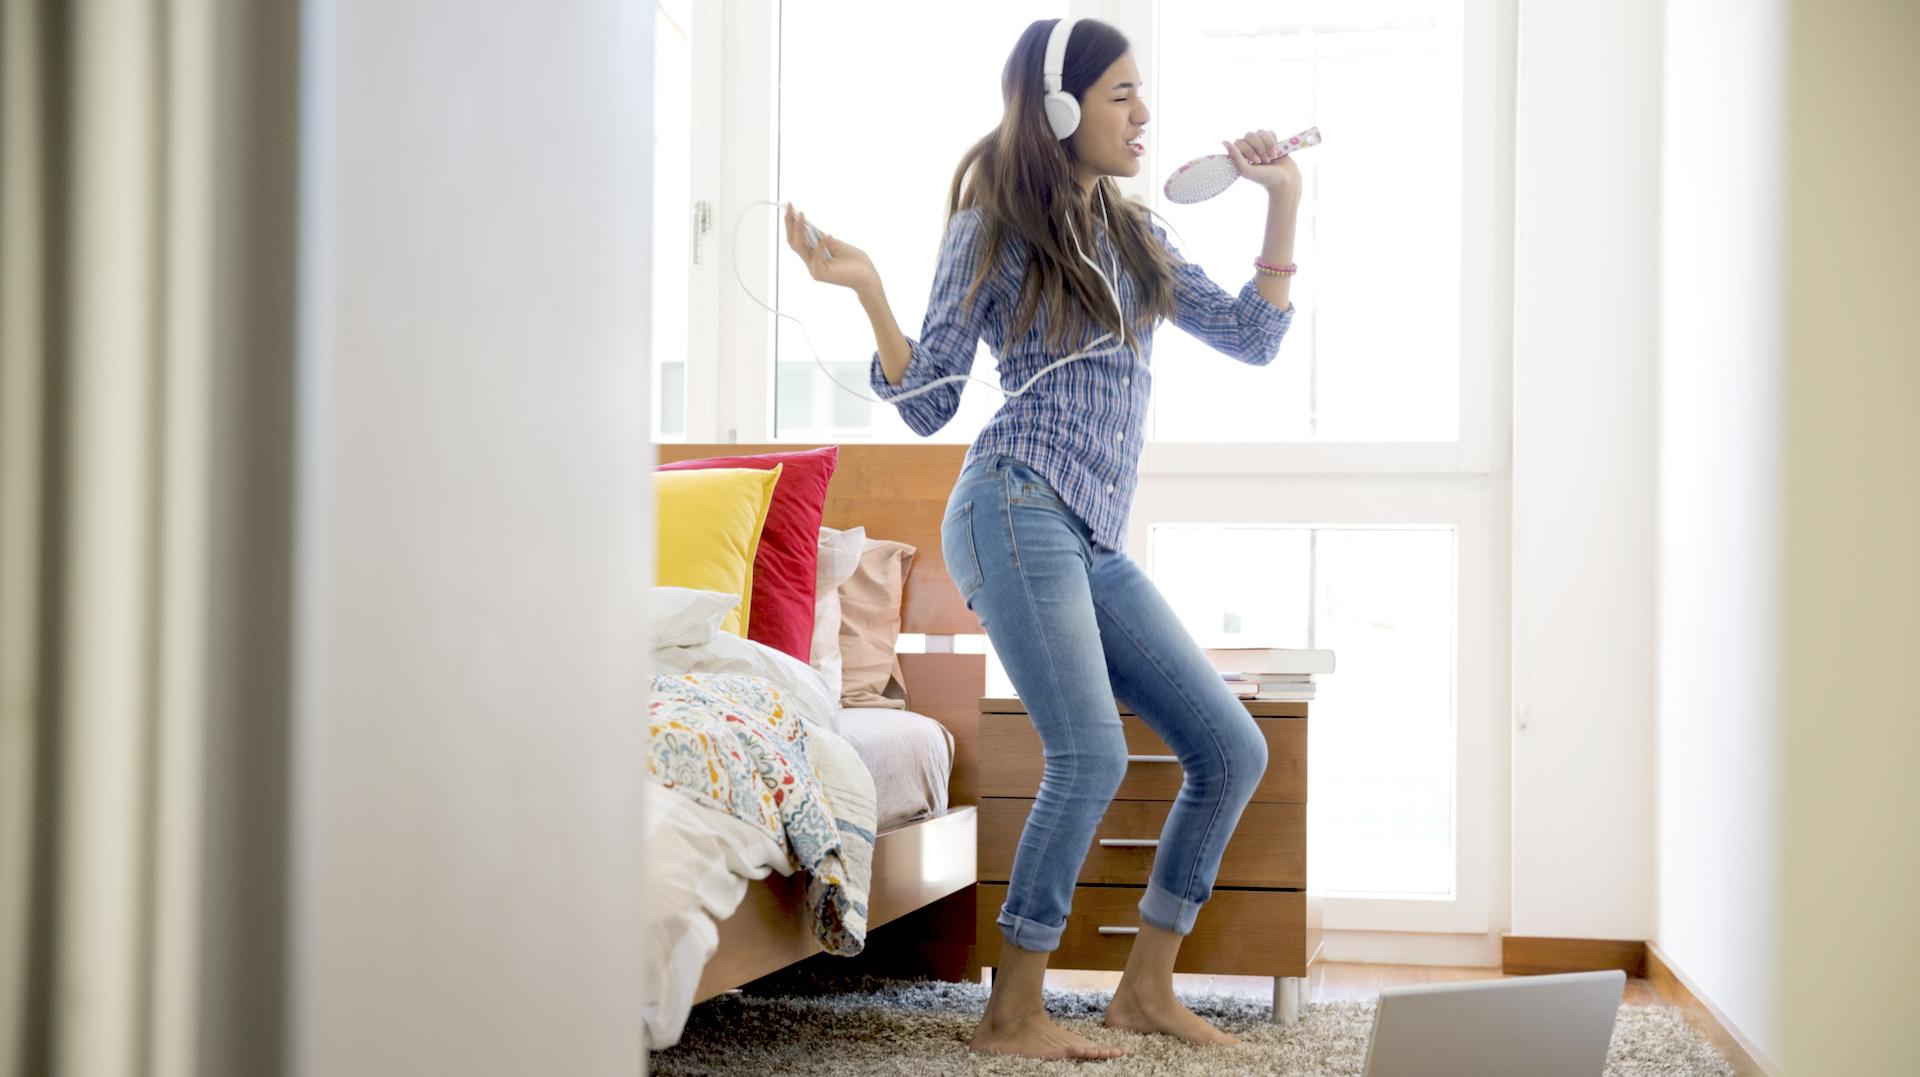 10 عادات تكتسب من العيش بمفردك